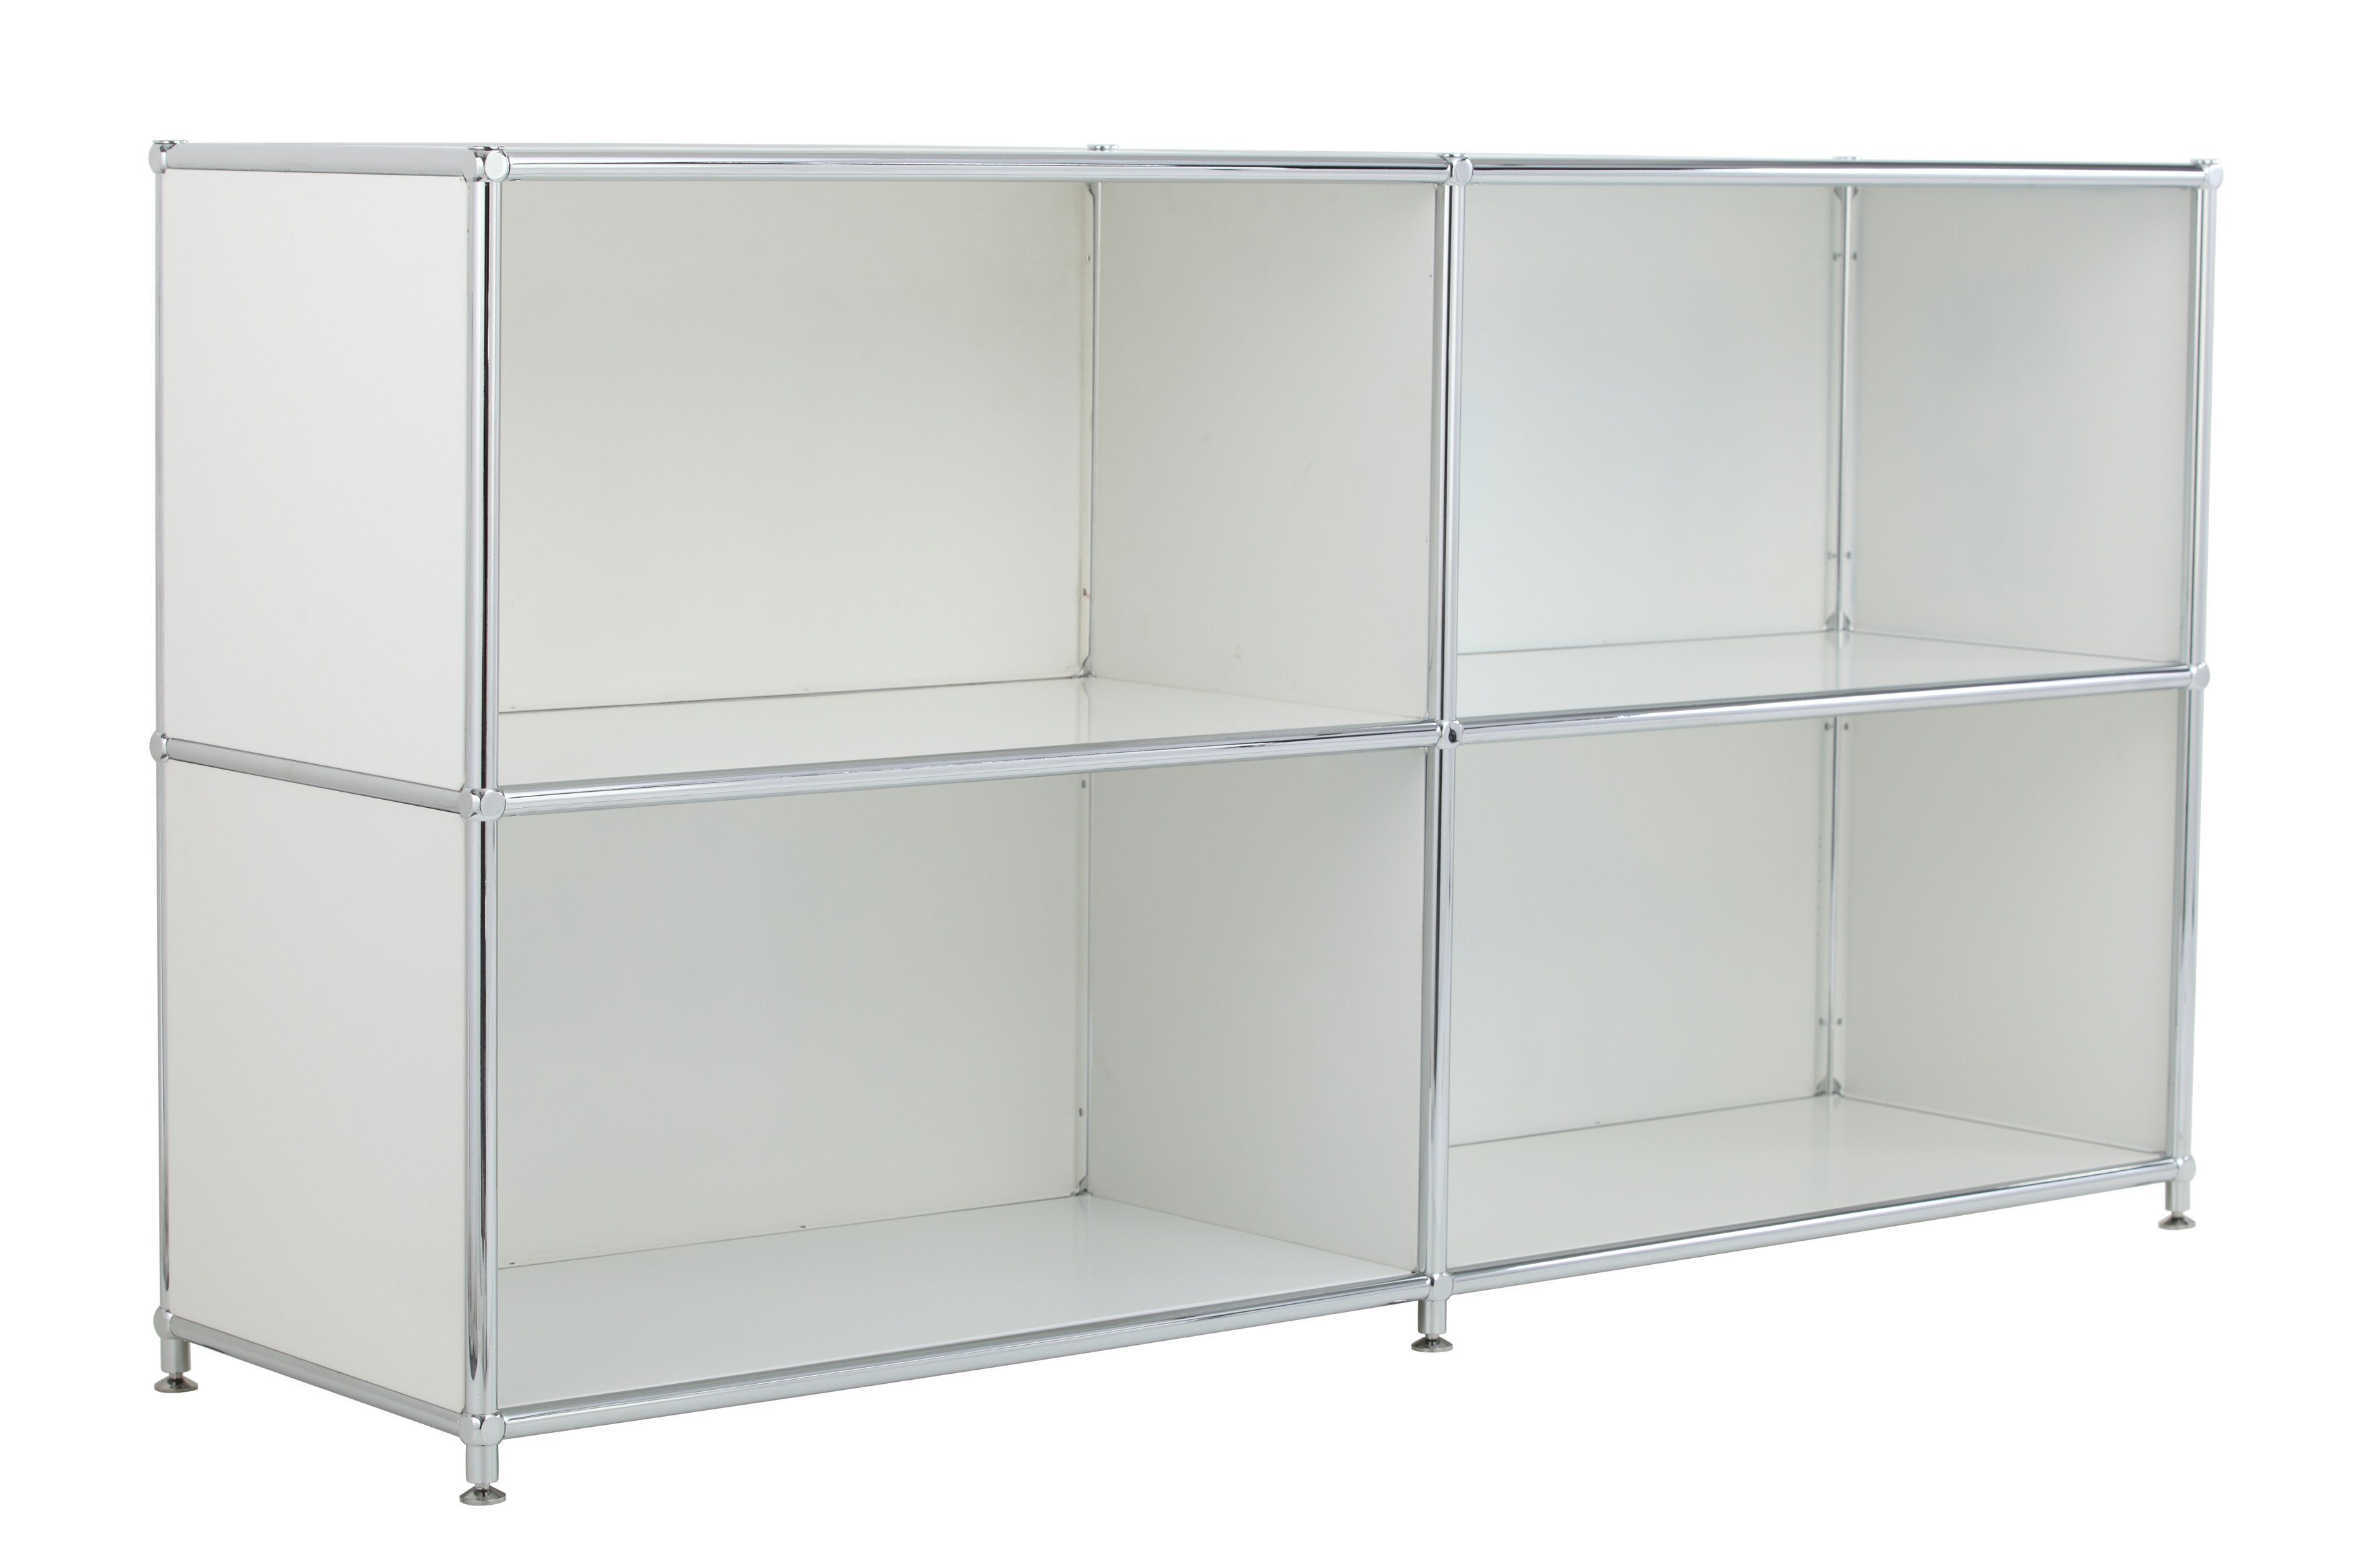 New Design Steel Office Furniture 2 Steel Door File Cabinet